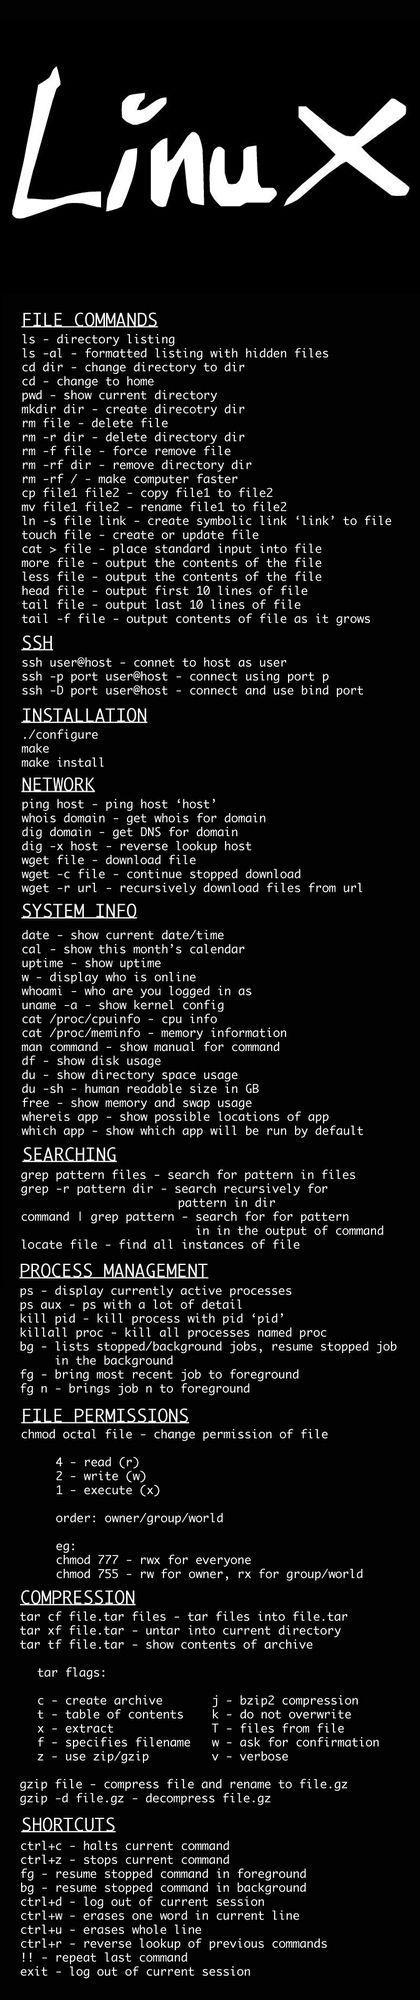 Basic Linux Commands Cheat Sheet - #Linux #Commands